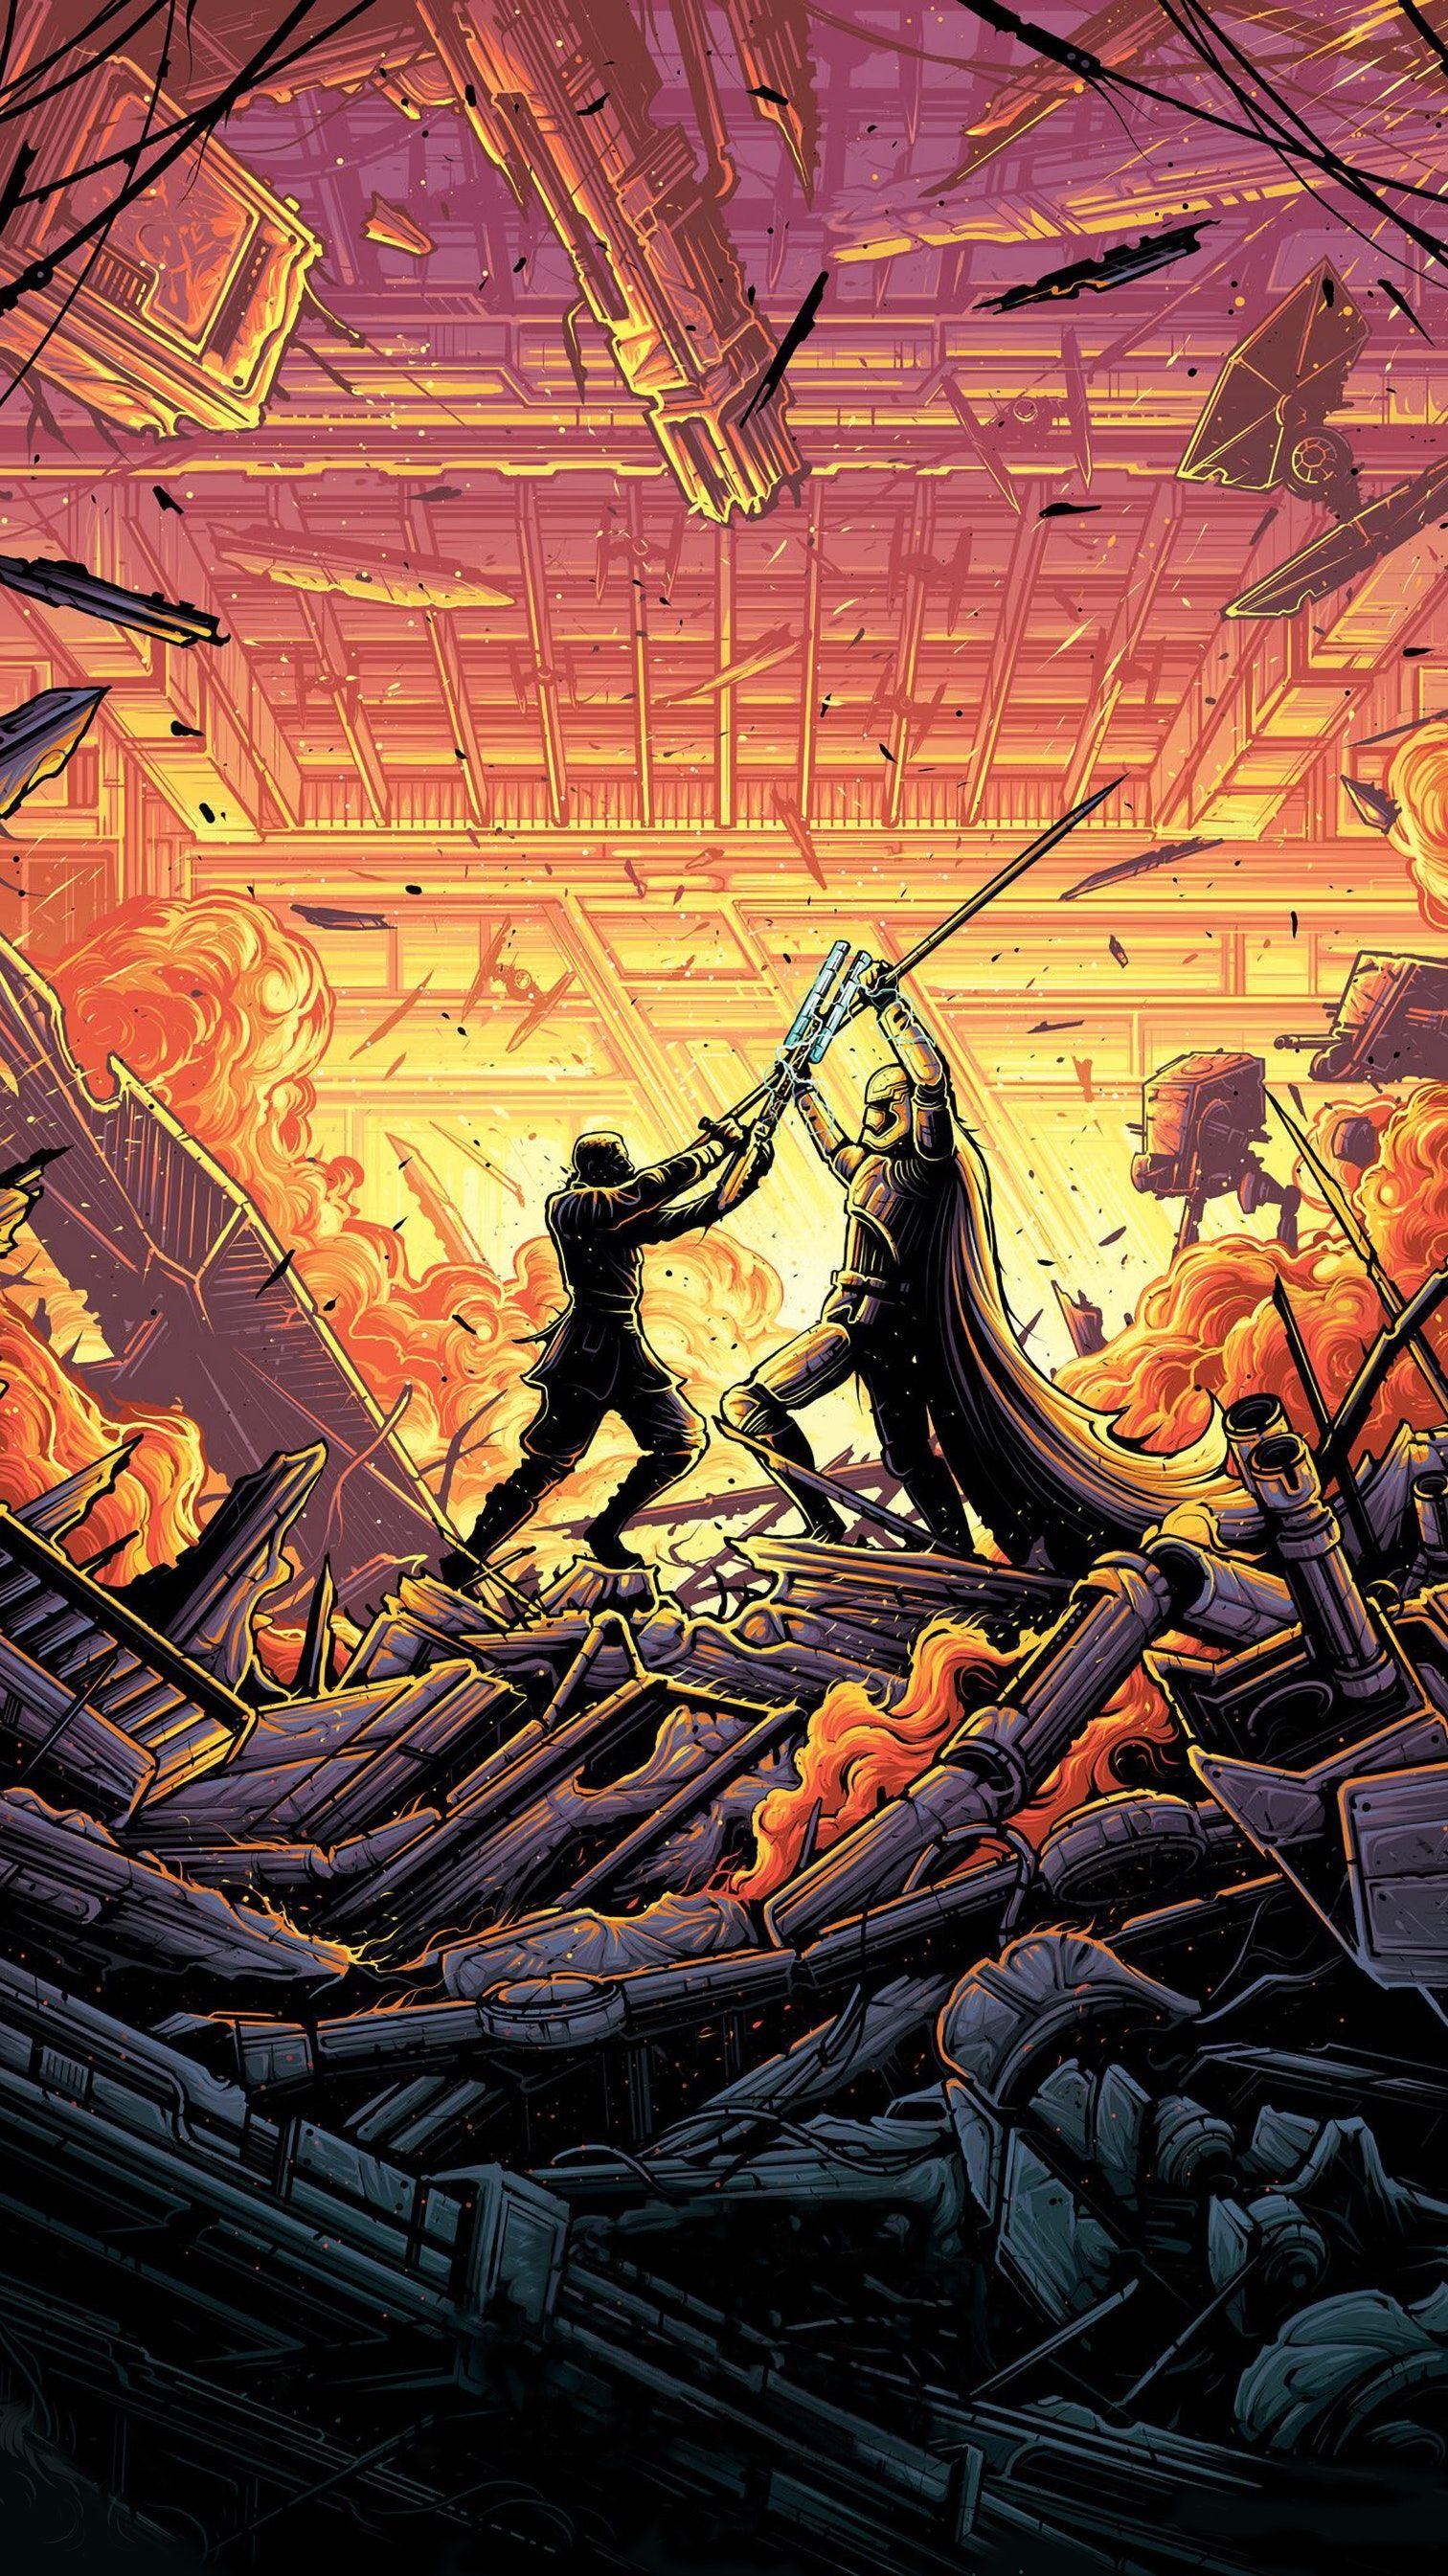 Star Wars The Last Jedi 2017 Phone Wallpaper Moviemania Star Wars Art Star Wars Artwork Star Wars Wallpaper